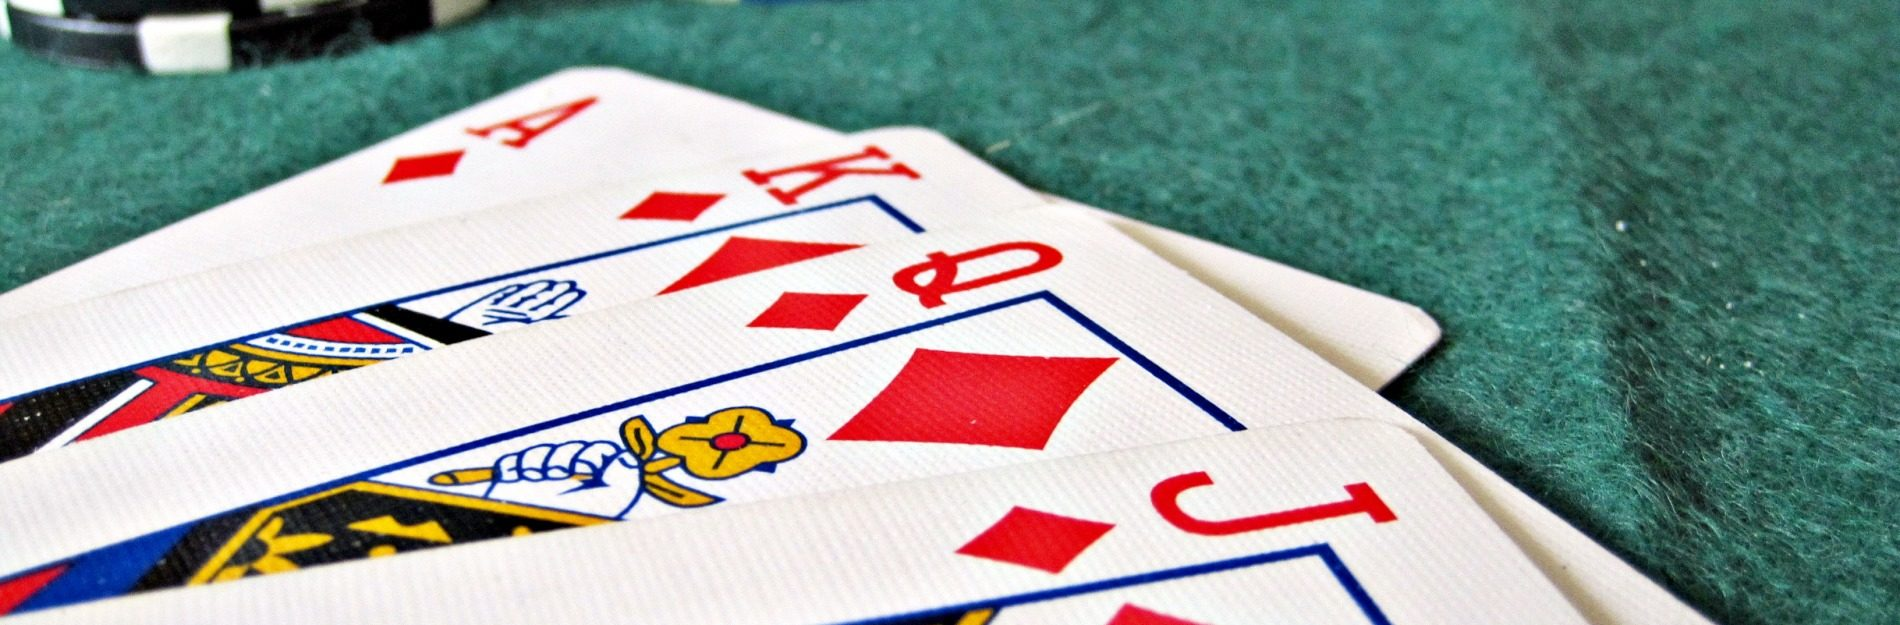 Worauf sollte ich beim Pokern im Internet achten?